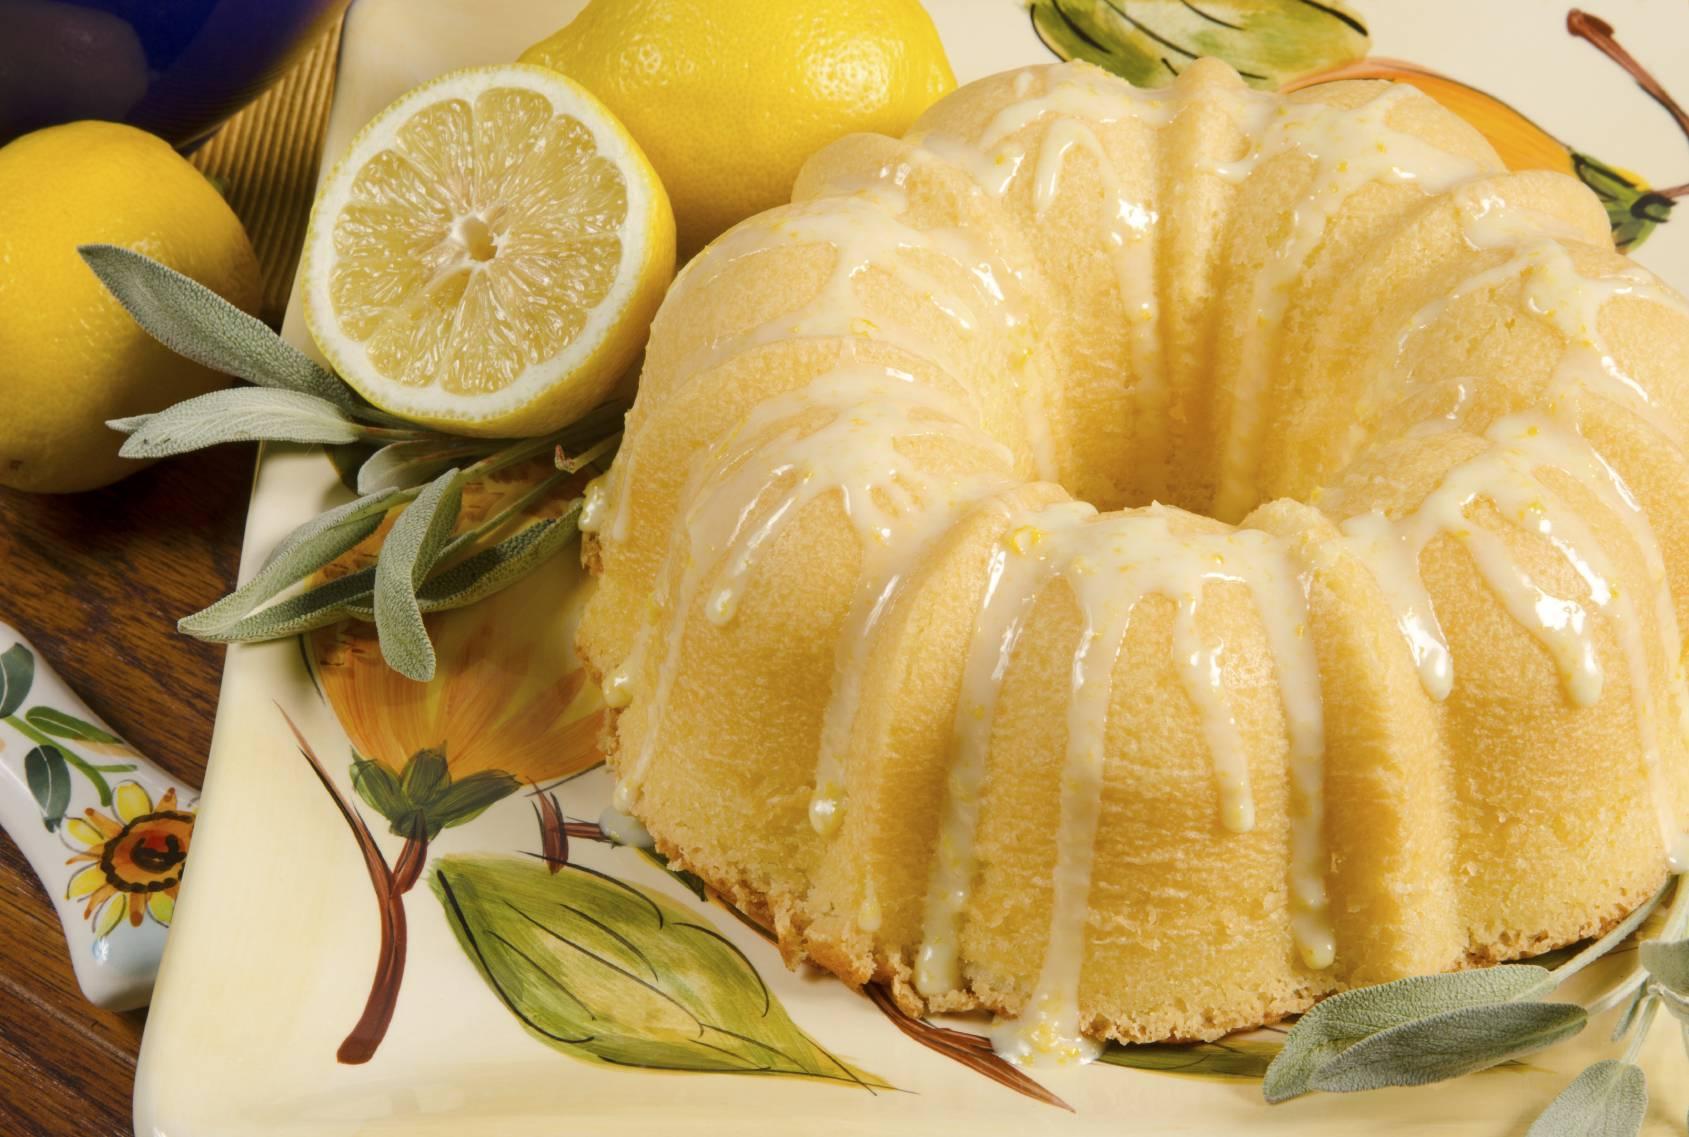 Ciambellone 12 cucchiai al limone